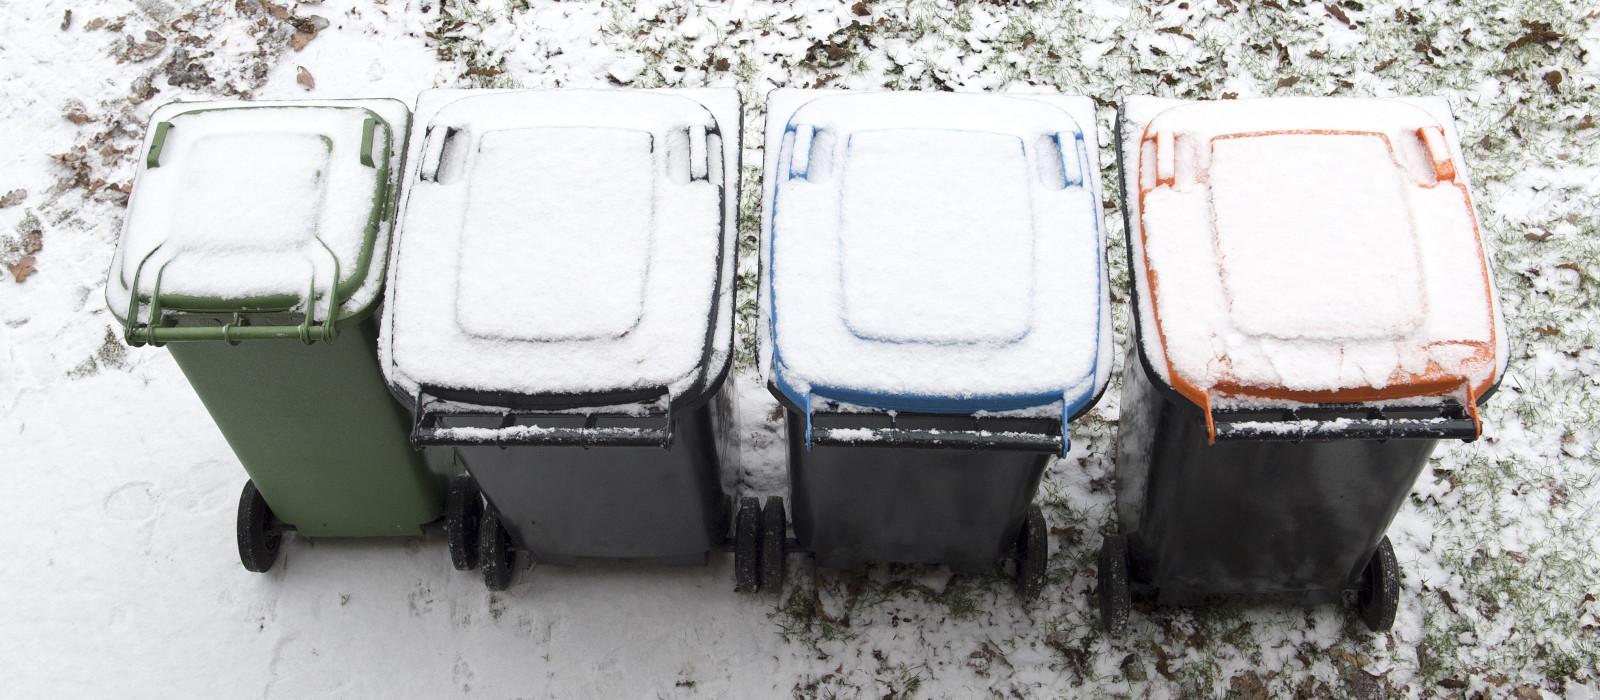 Inzameling bij zwaar winterweer gemeente Voorst